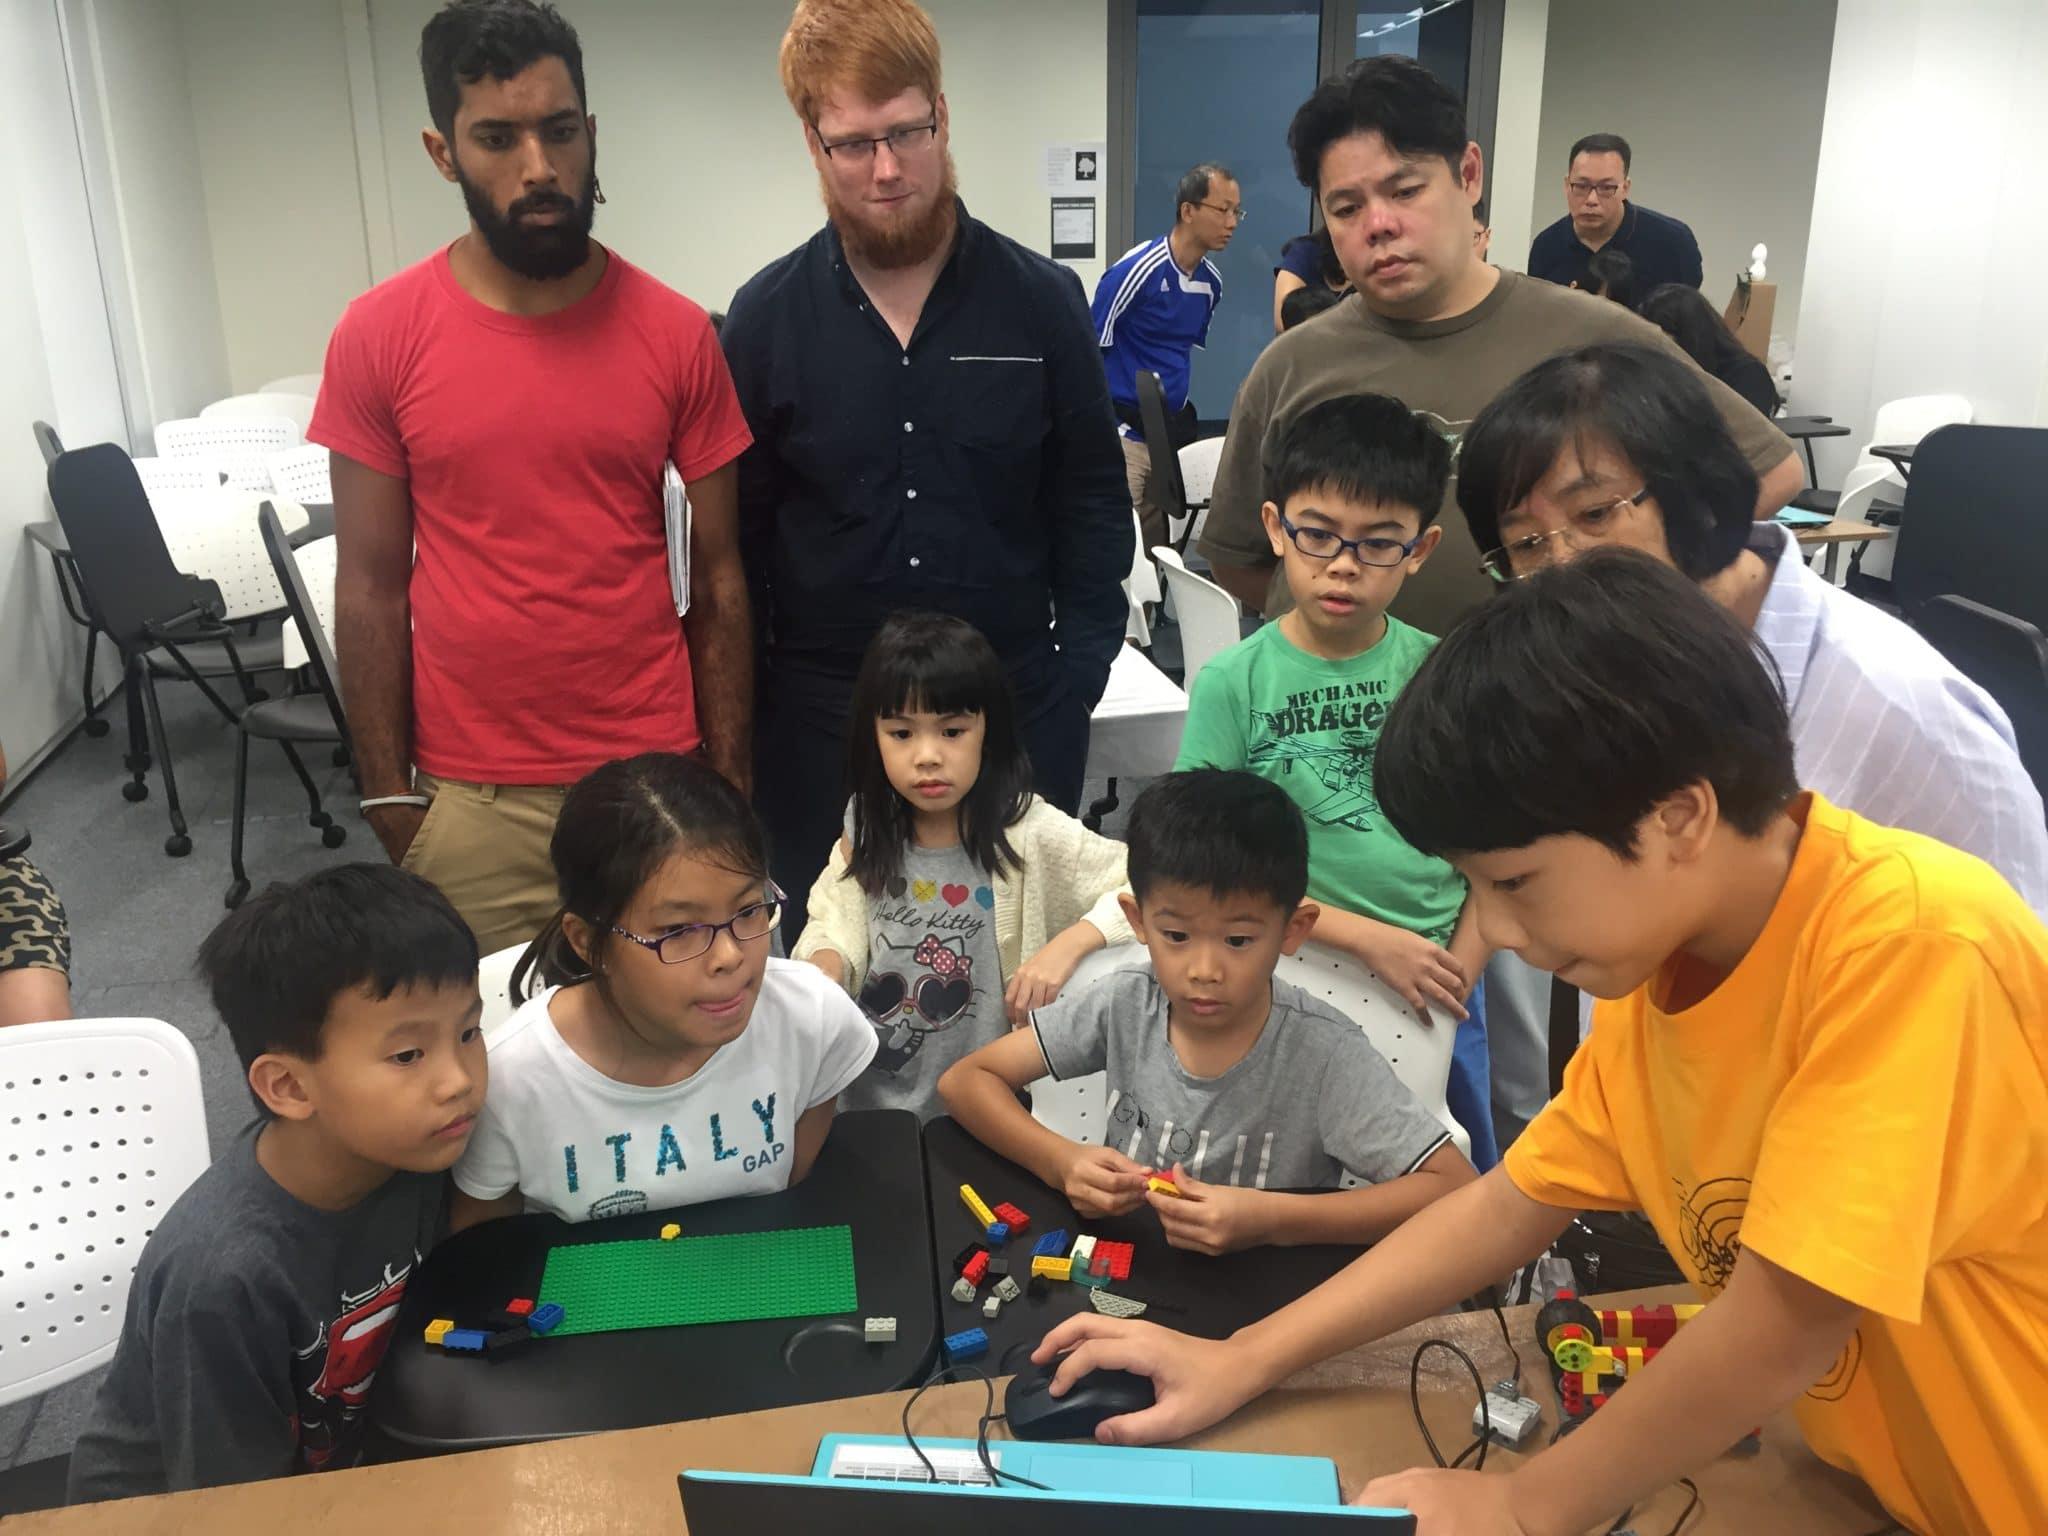 MakerFaire_LegoXScratch-18